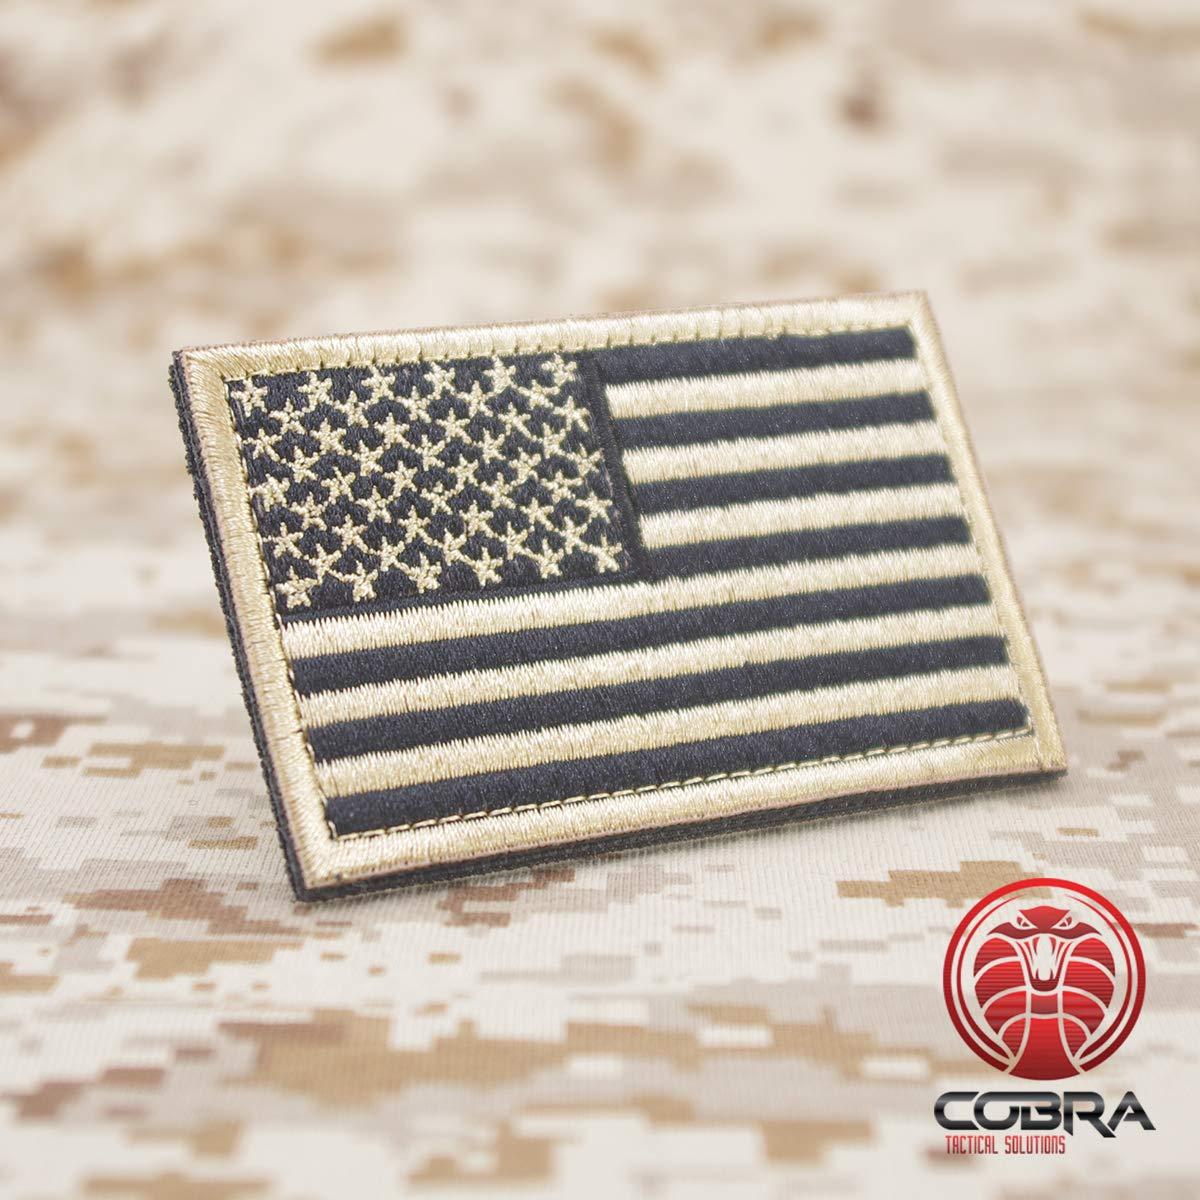 Cobra Tactical Solutions Military Patch USA Fanion avec Fermeture Velcro pour Airsoft//Paintball pour v/êtements Tactiques et Sac /à Dos